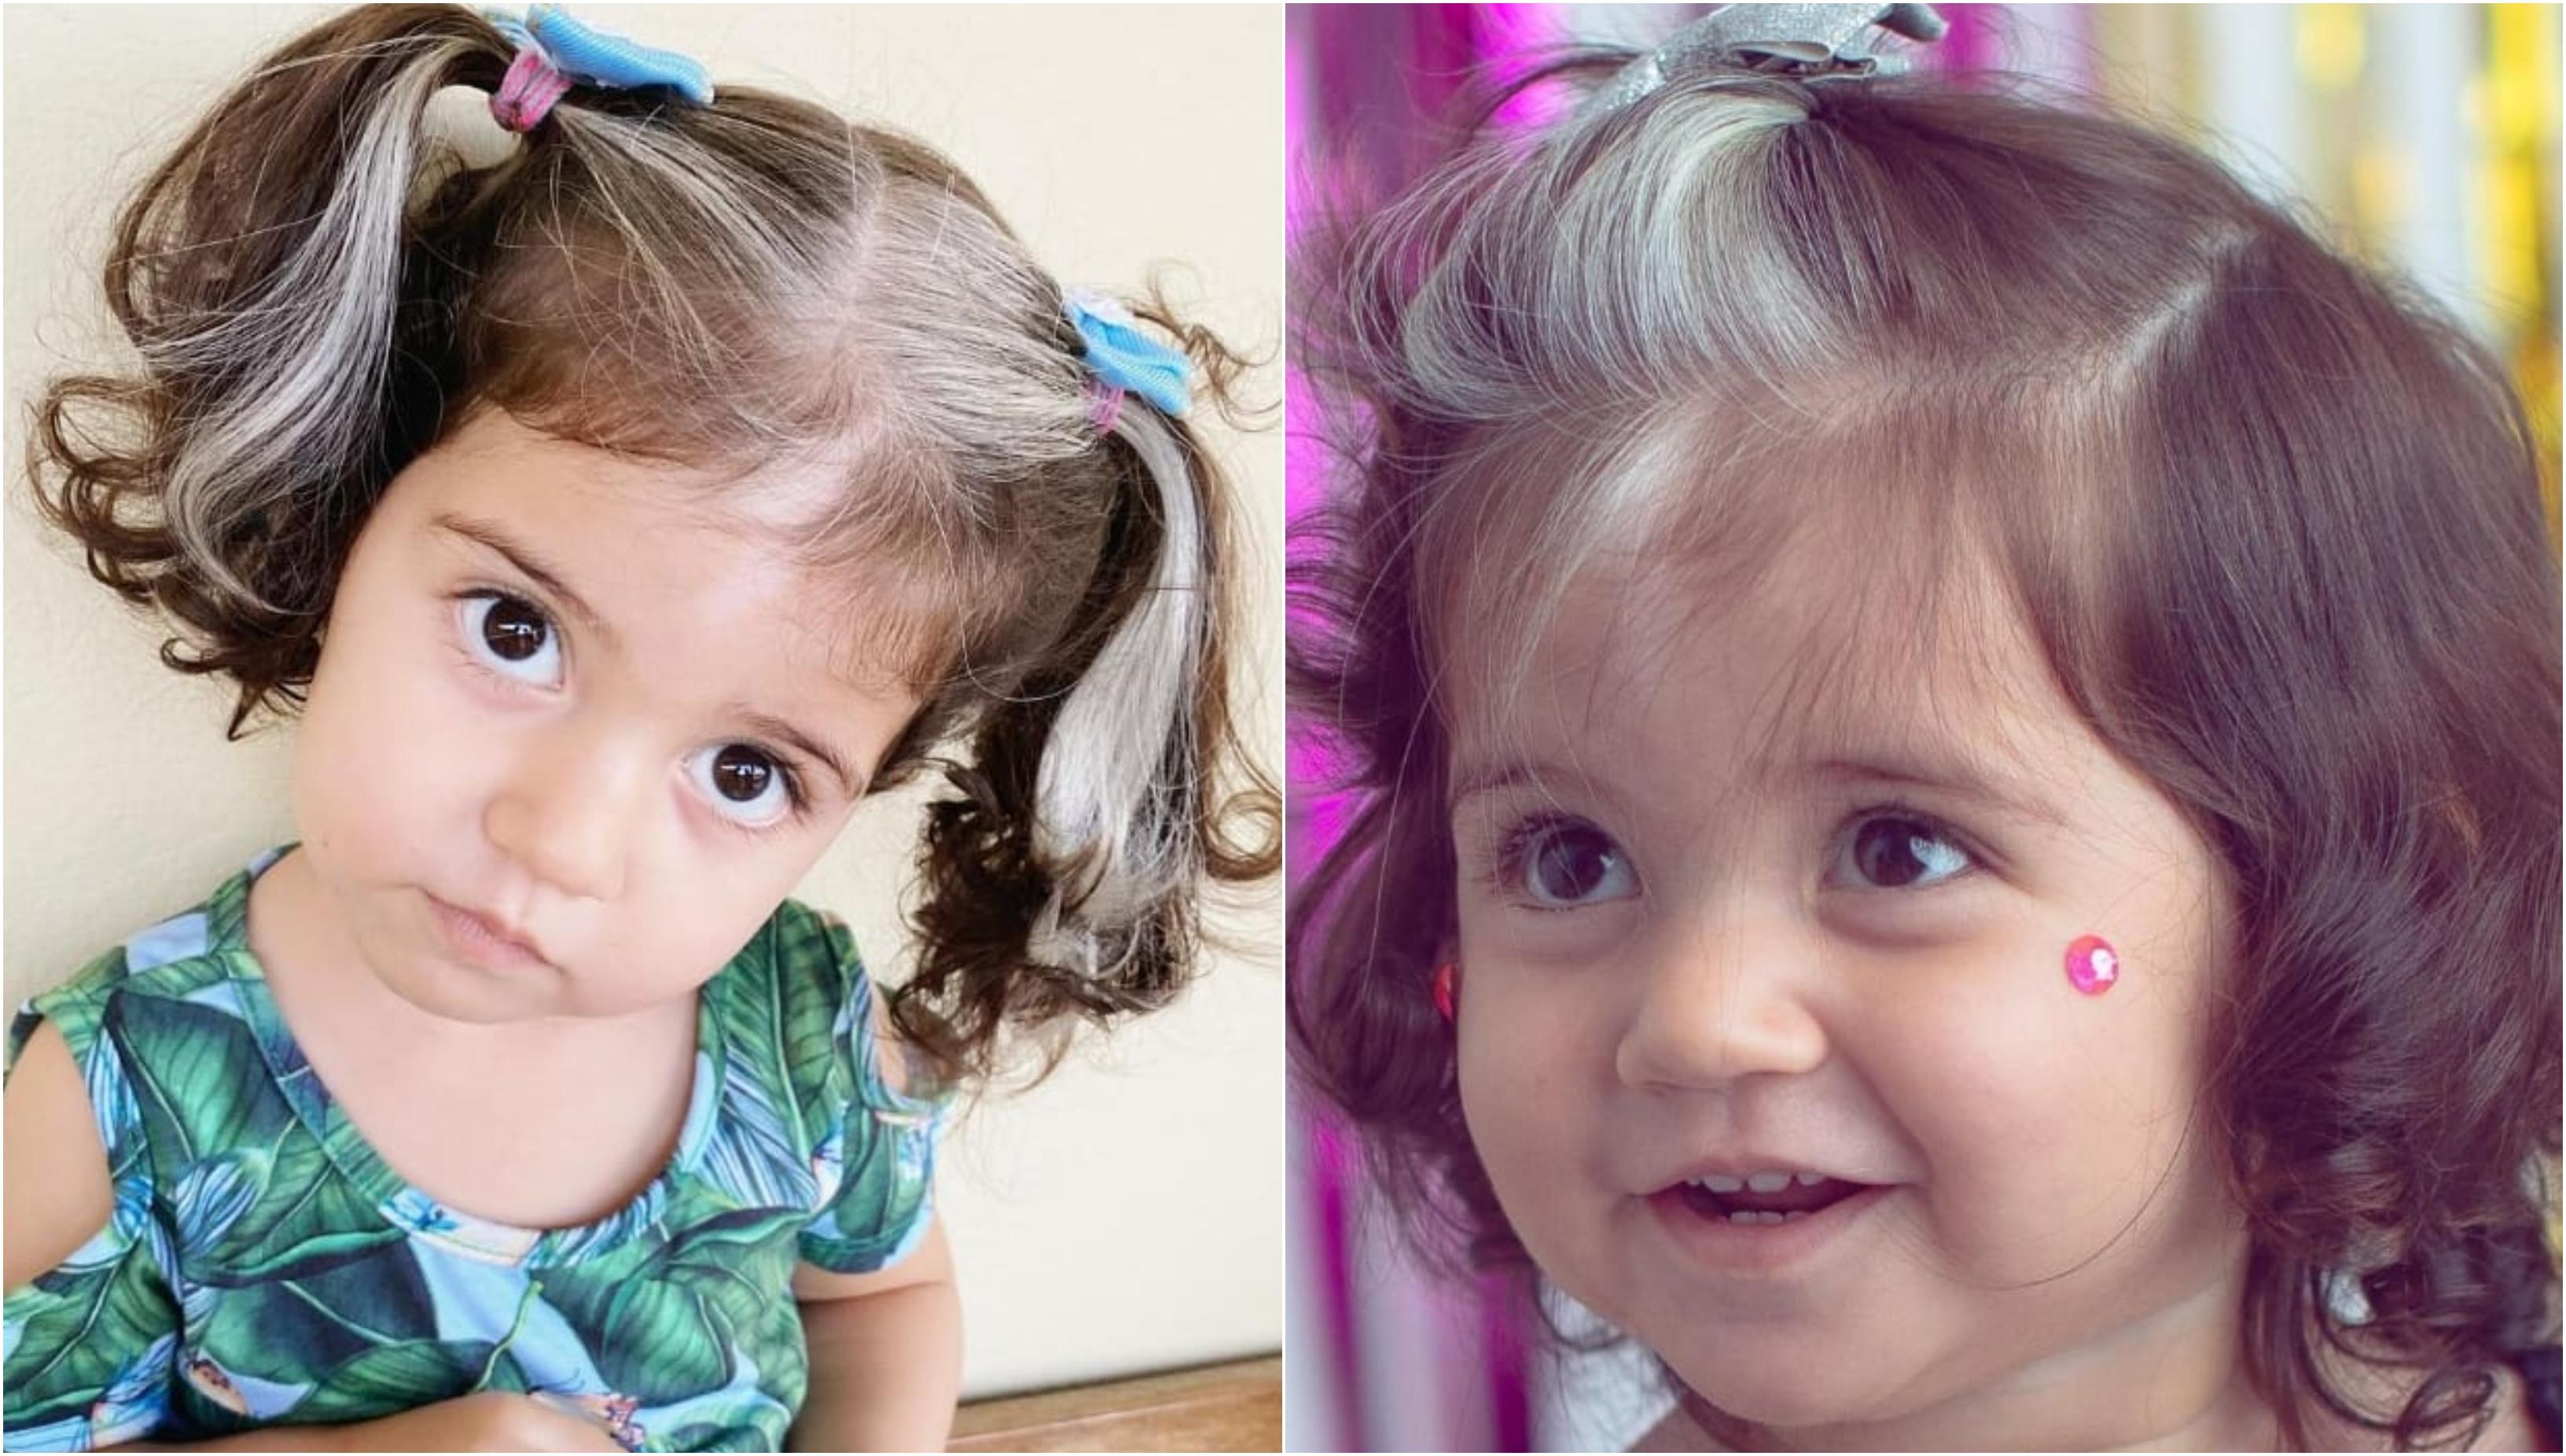 Fetița de 2 ani cu păr cărunt. De ce are micuța Mayah suvițe albe la o vârstă atât de fragedă